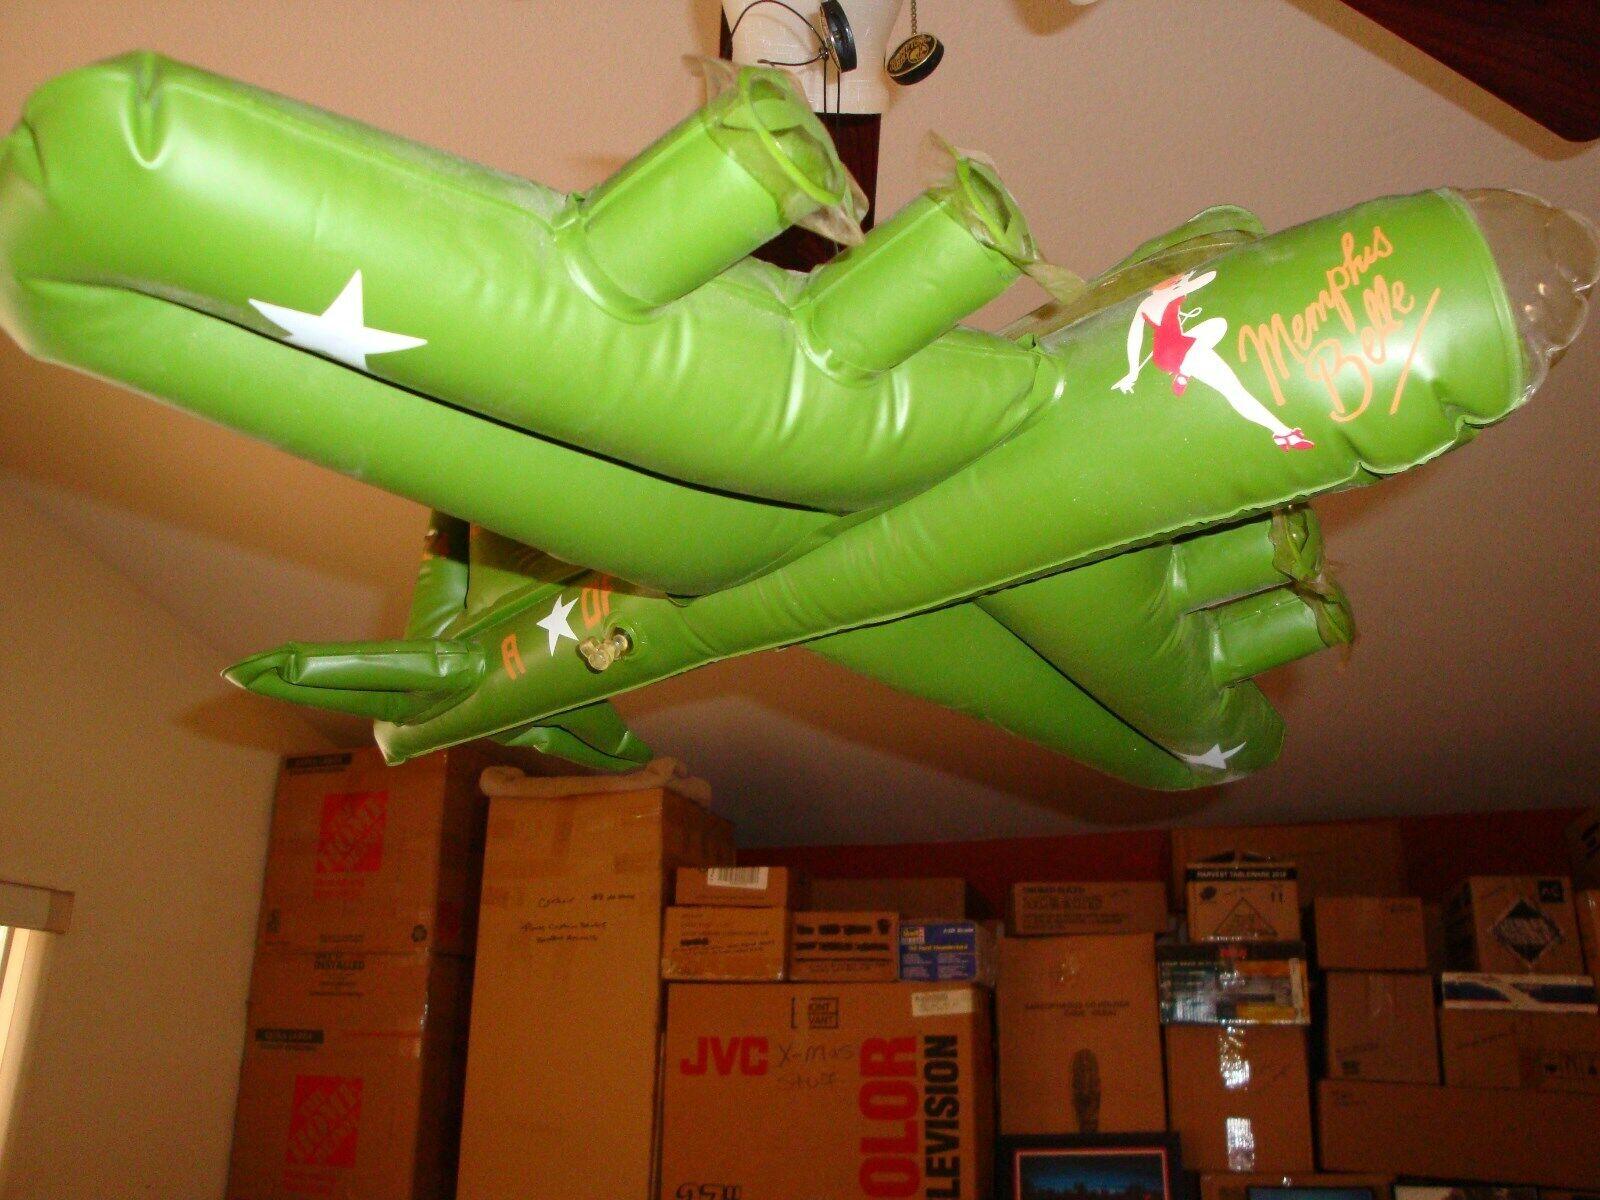 B-17 Memphis Belle Inflable Promo de utilería para distribuidores sólo Muy Raro